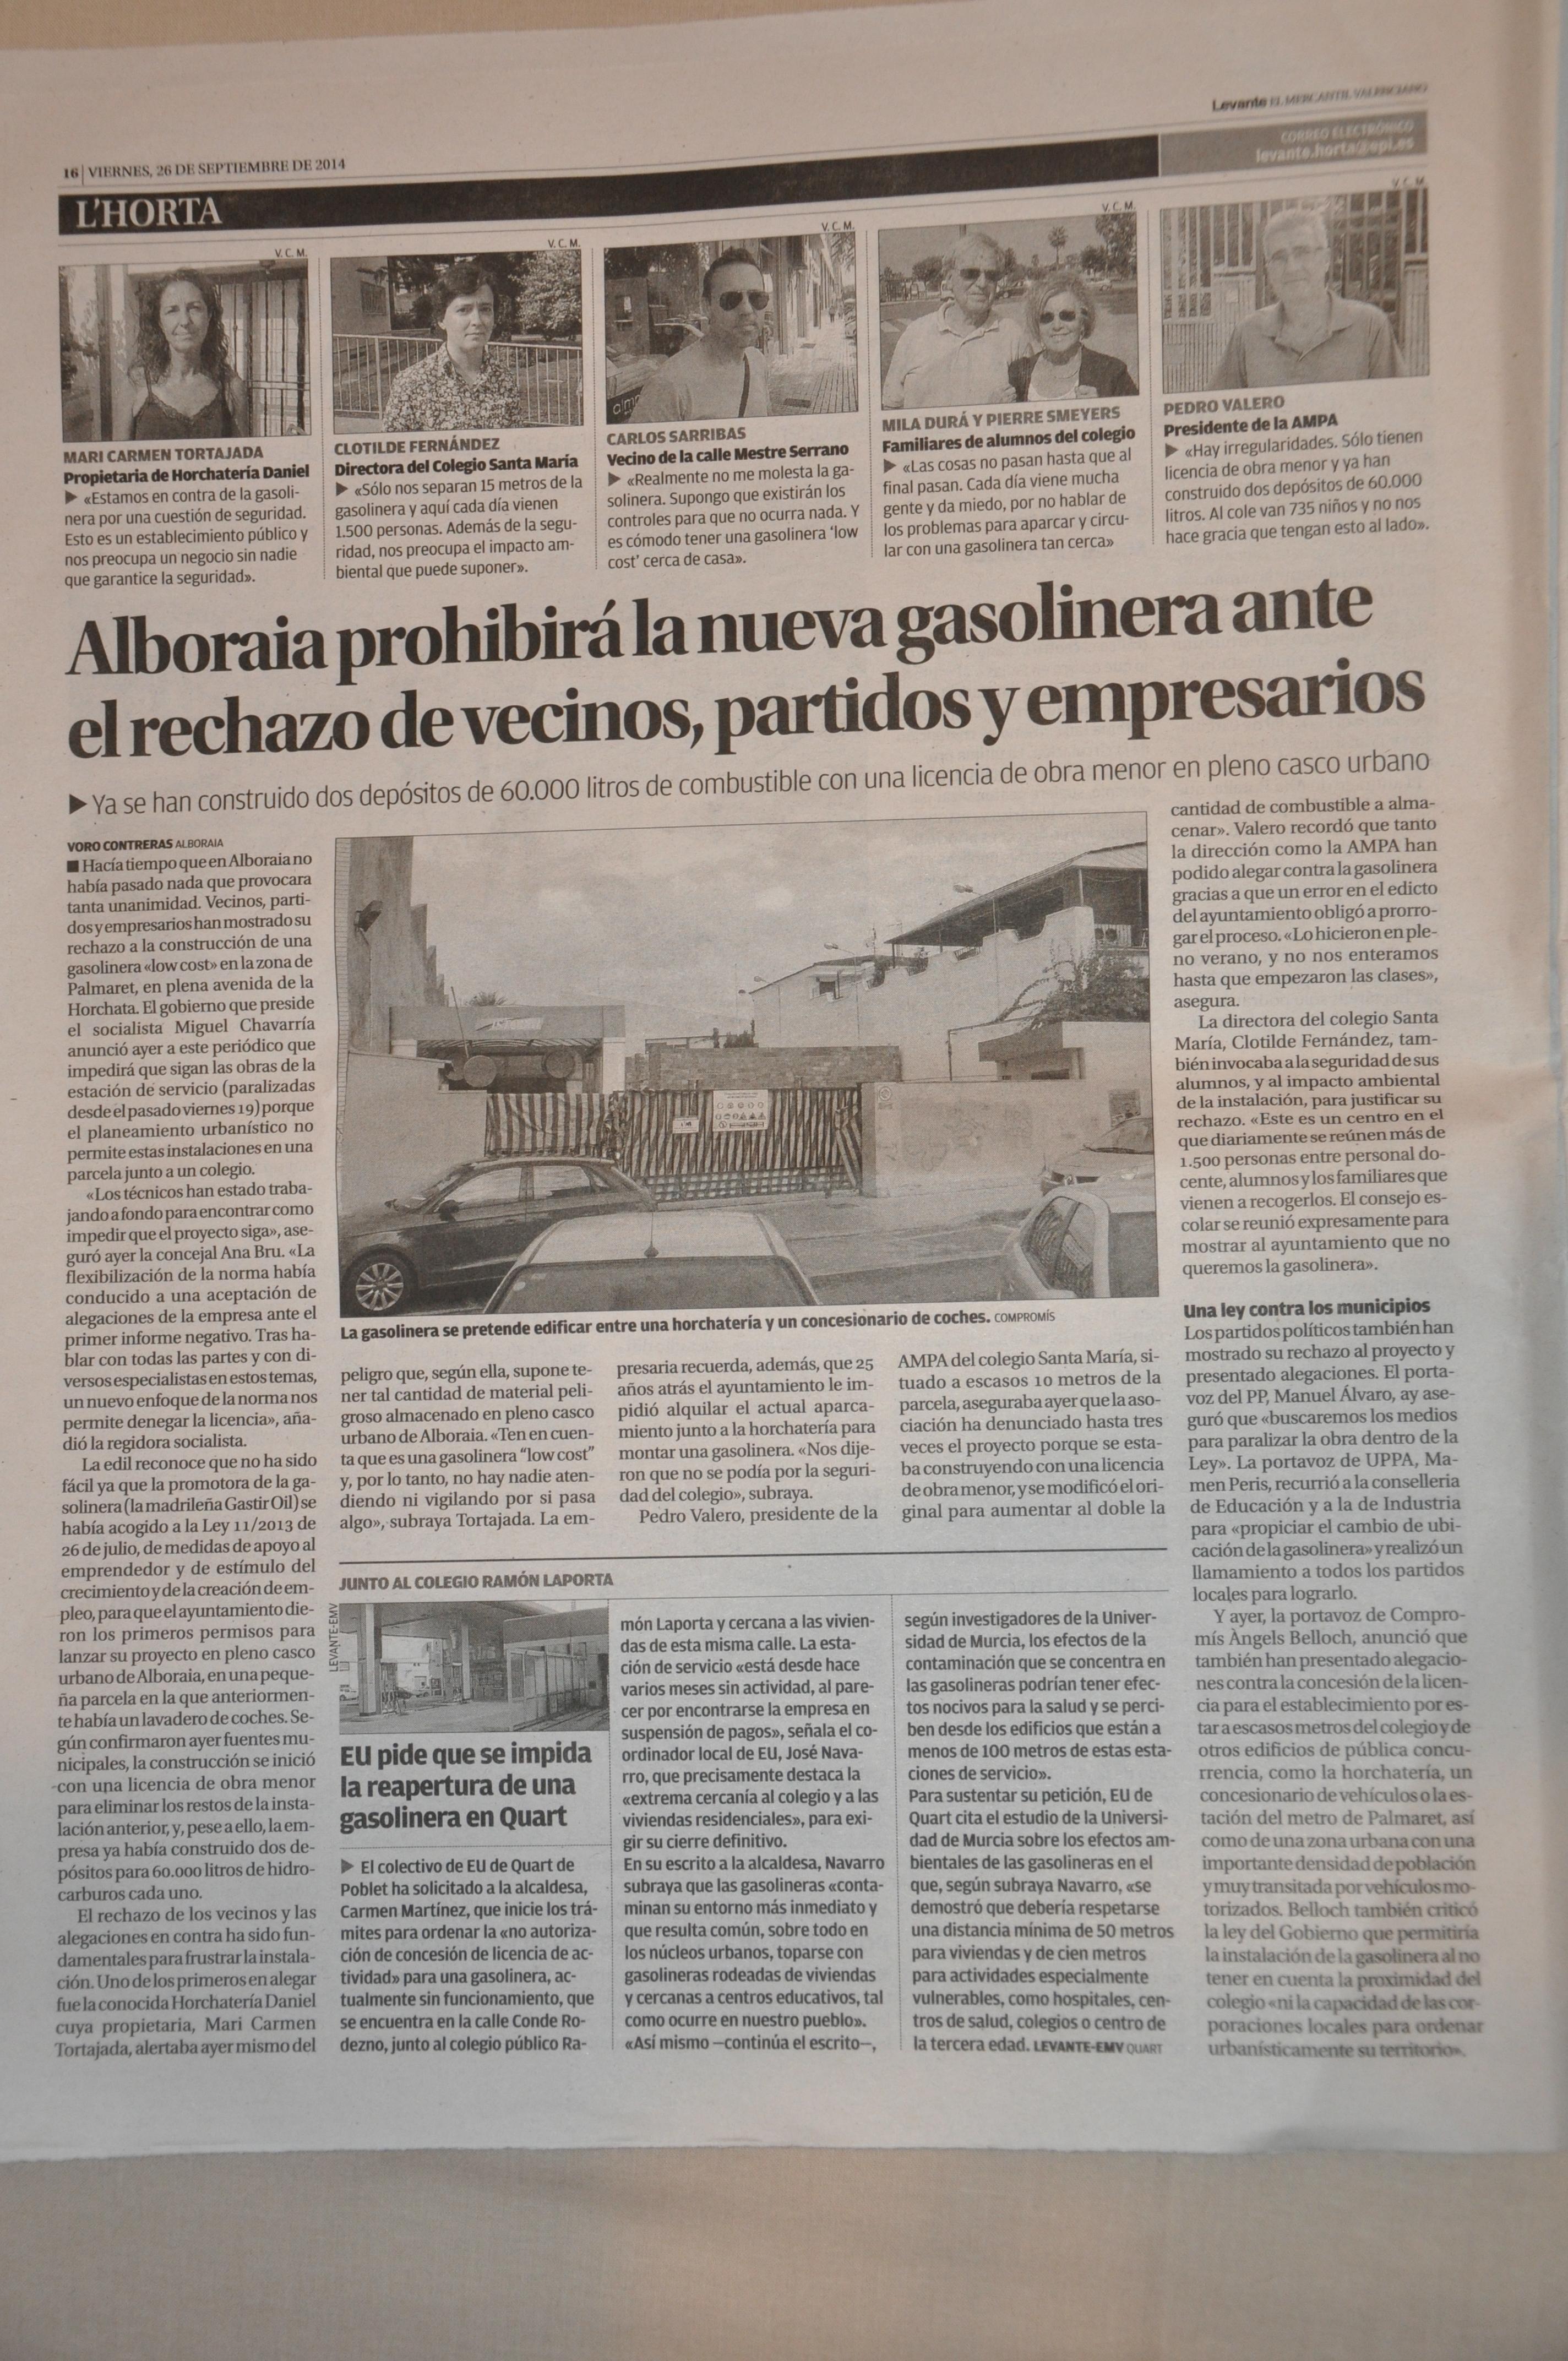 Publicaci'on Levante 26-09-2014